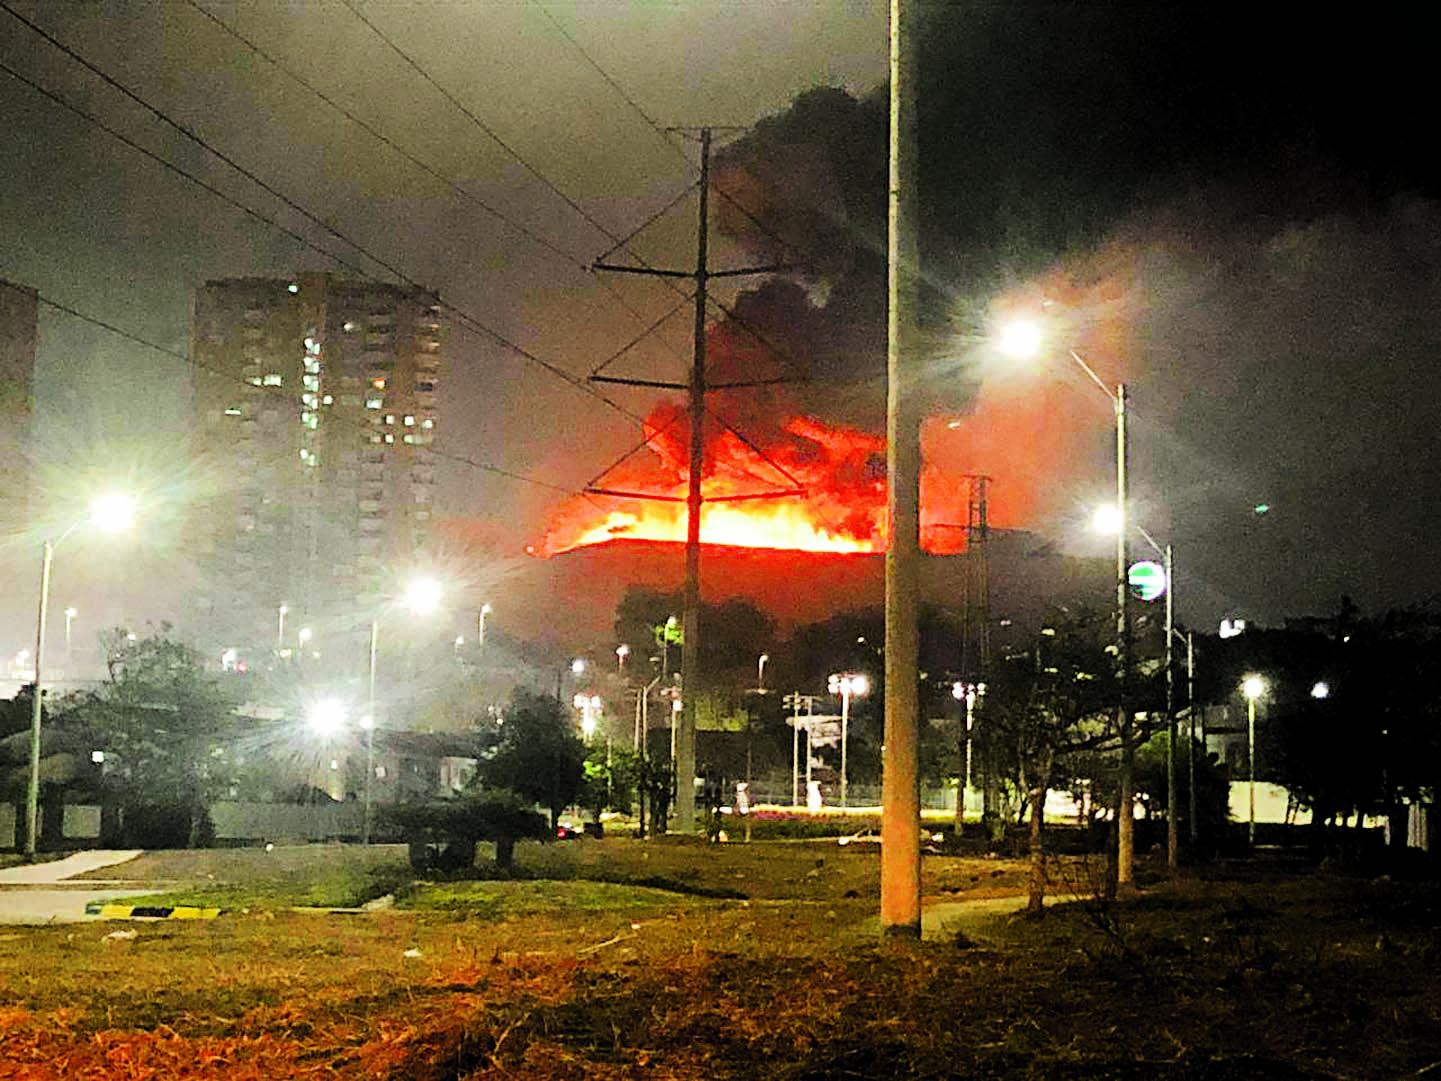 El incendio fue reportado pasadas las 10:00 Pm.